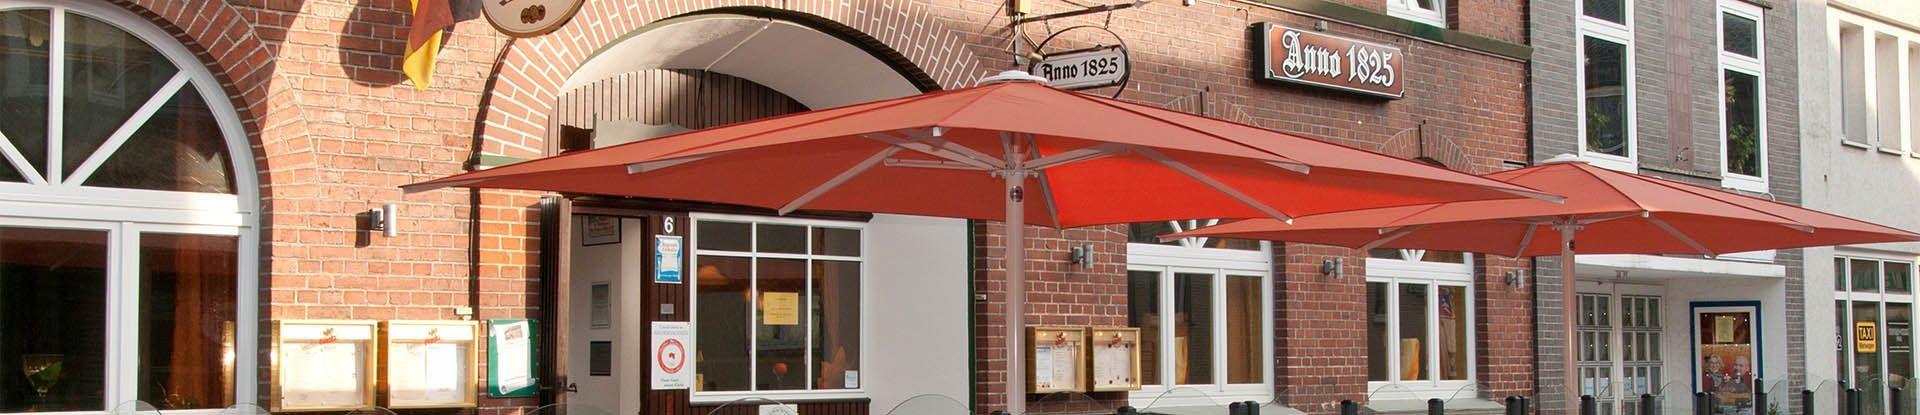 Restaurant Anno 1825 in Bad Bevensen